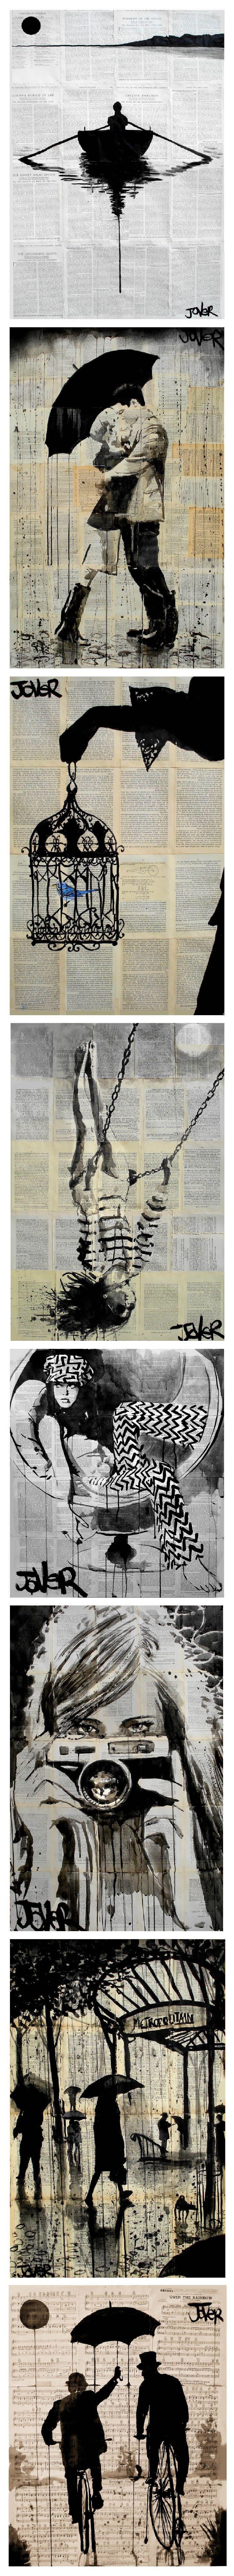 Arte por Loui Jover - En Saatchi Online Me encanta la música y la hoja de periódico usado en los fondos !: